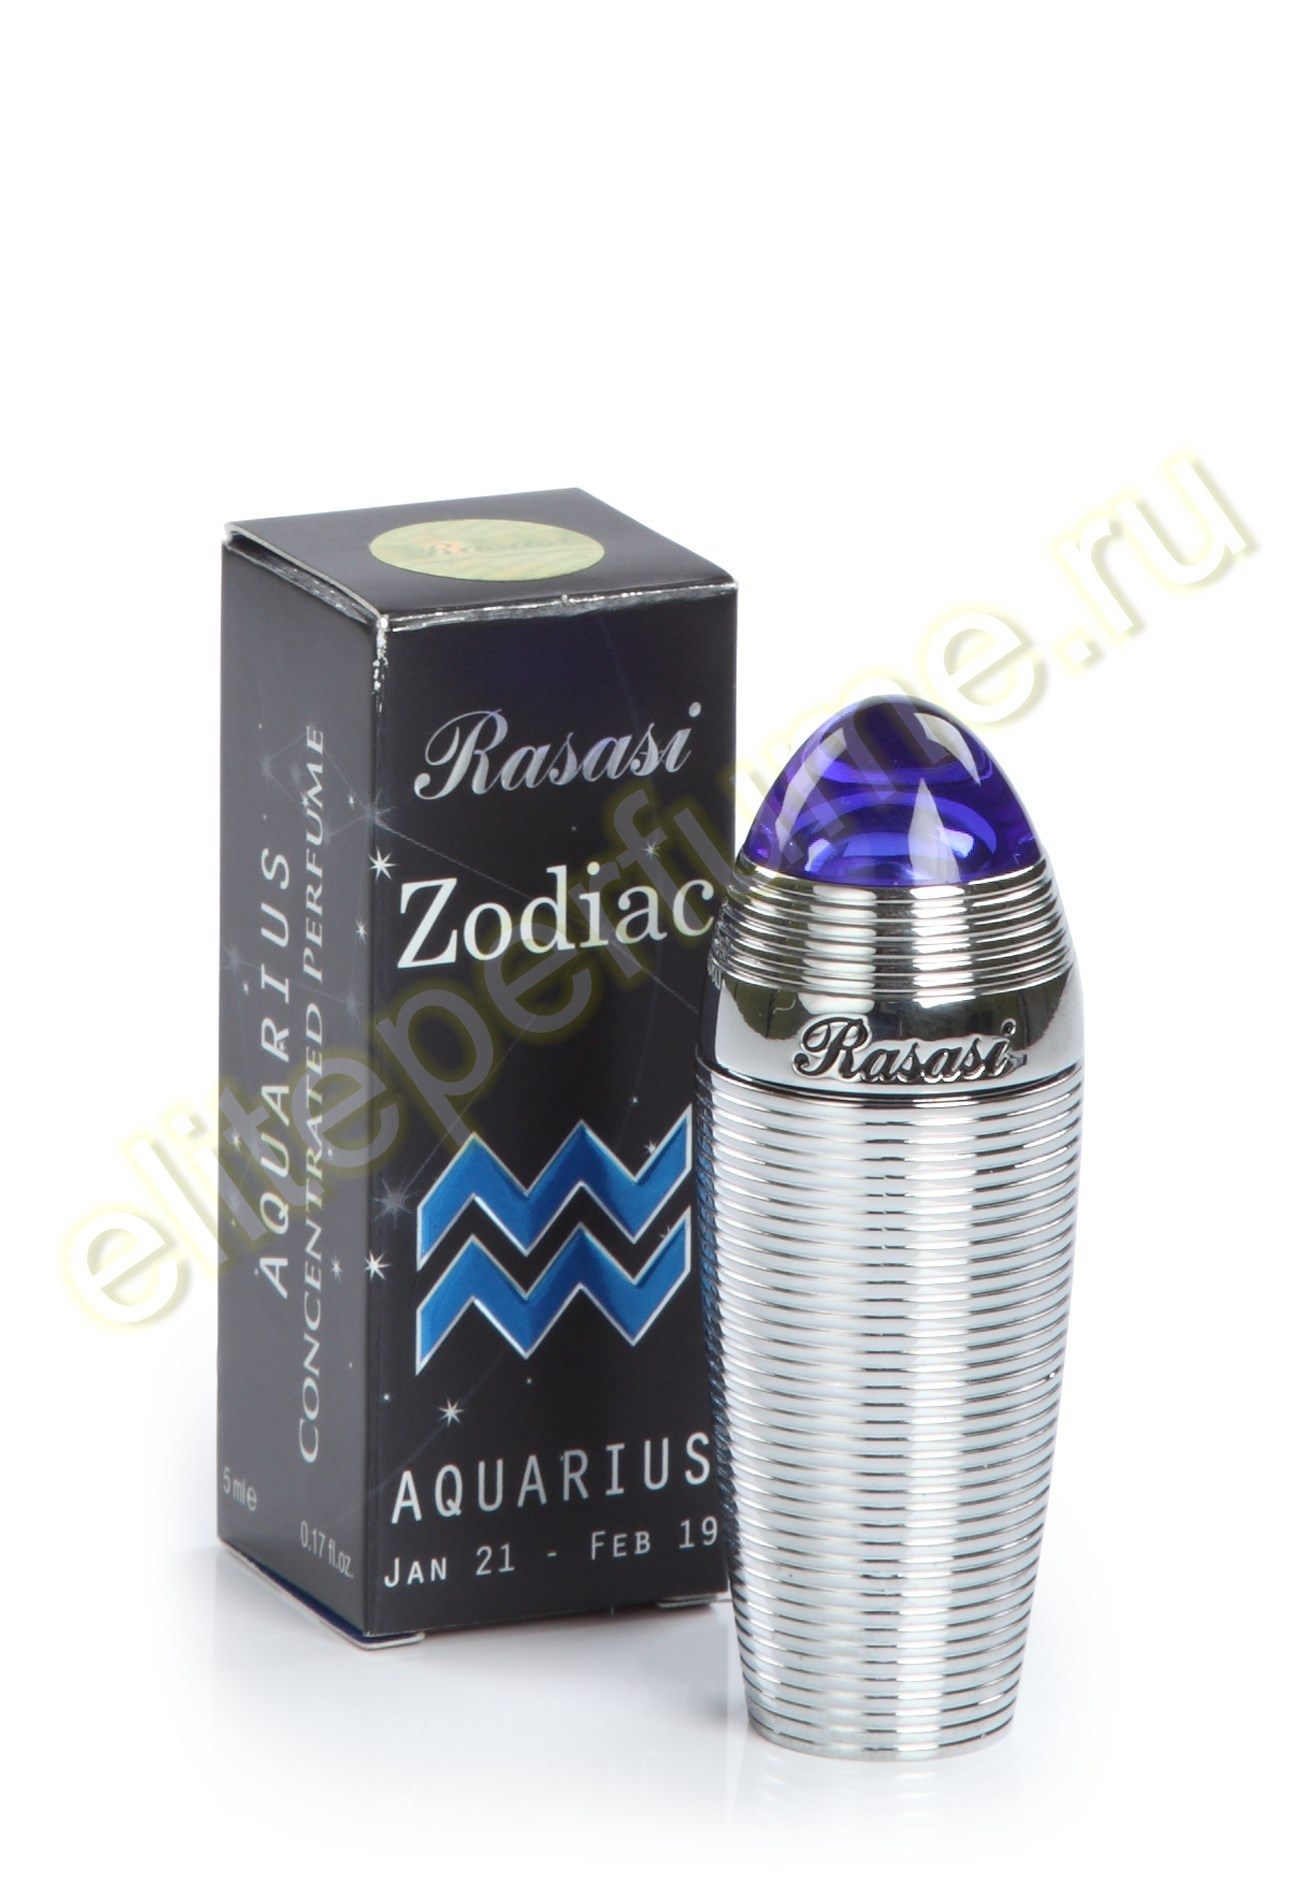 Пробники для арабских духов Зодиак Водолей Zodiac Aquarius 1 мл арабские масляные духи от Расаси Rasasi Perfumes